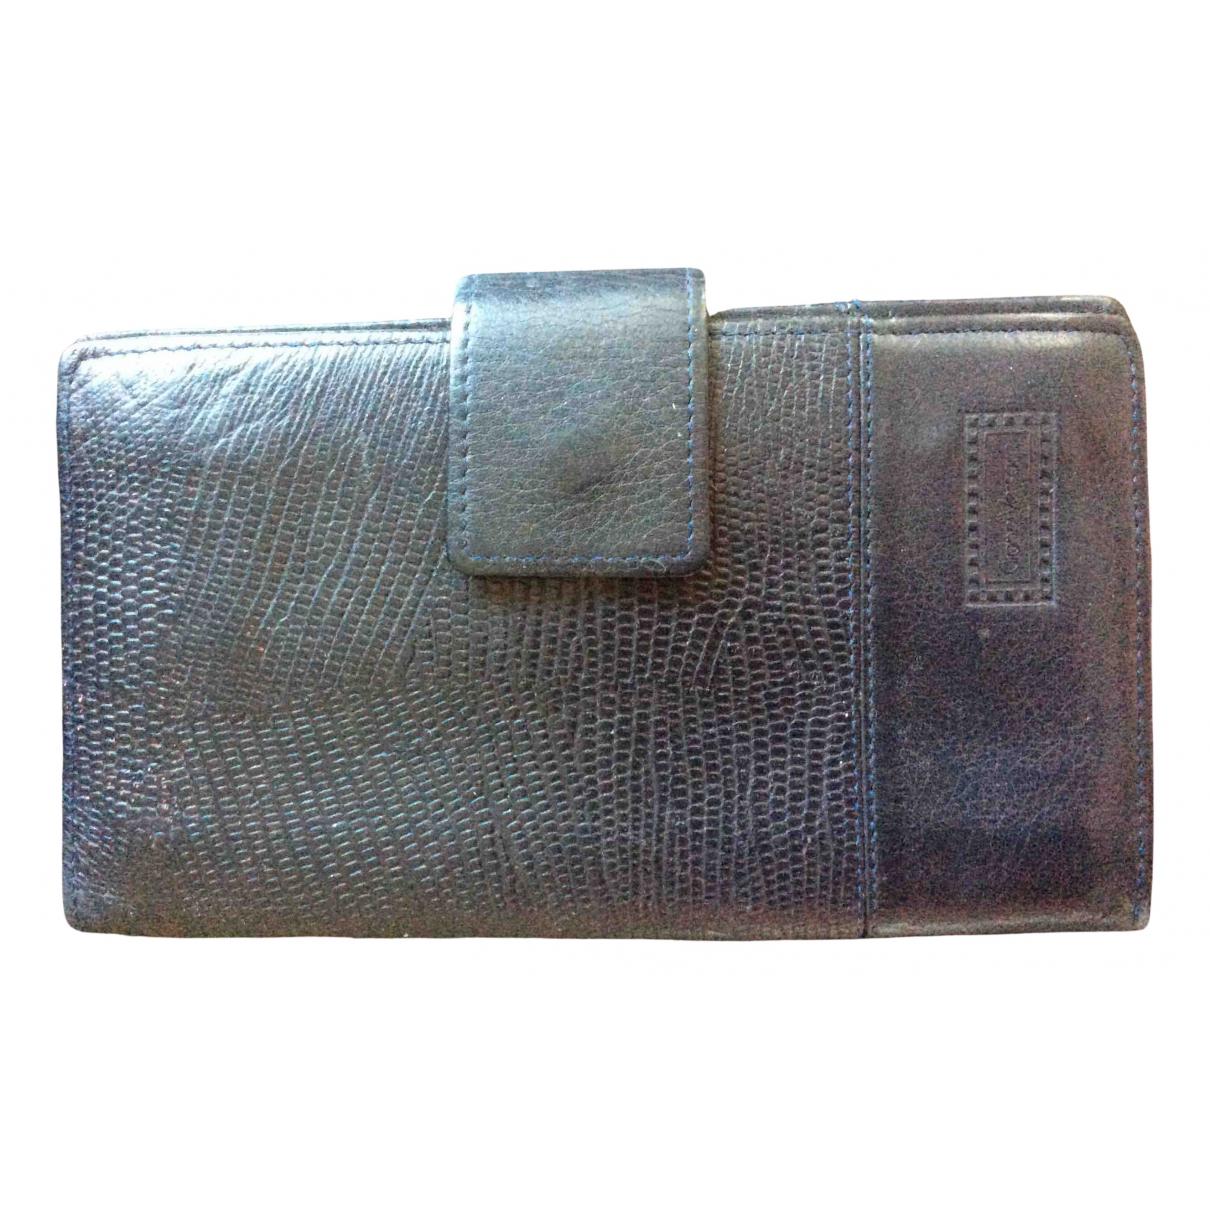 Gianni Versace \N Portemonnaie in  Blau Leder